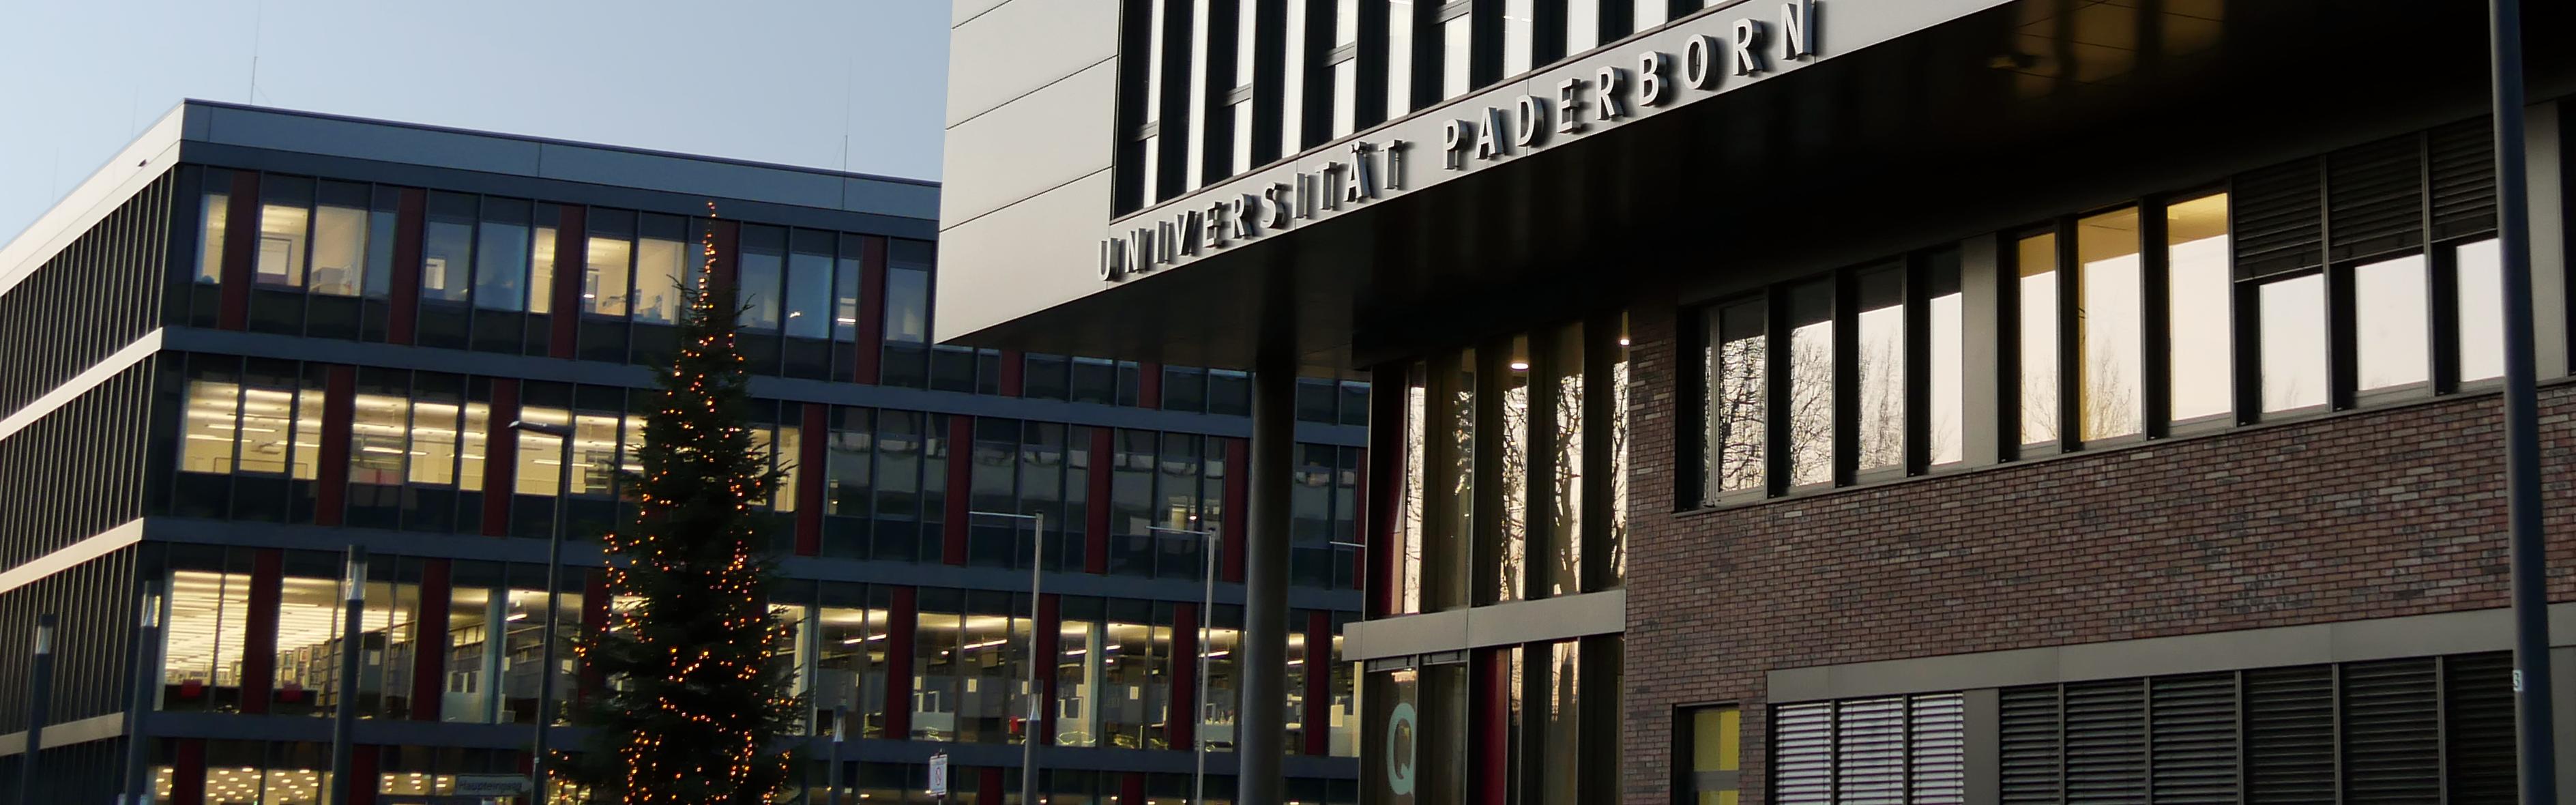 IMT - E-mail (Universität Paderborn)